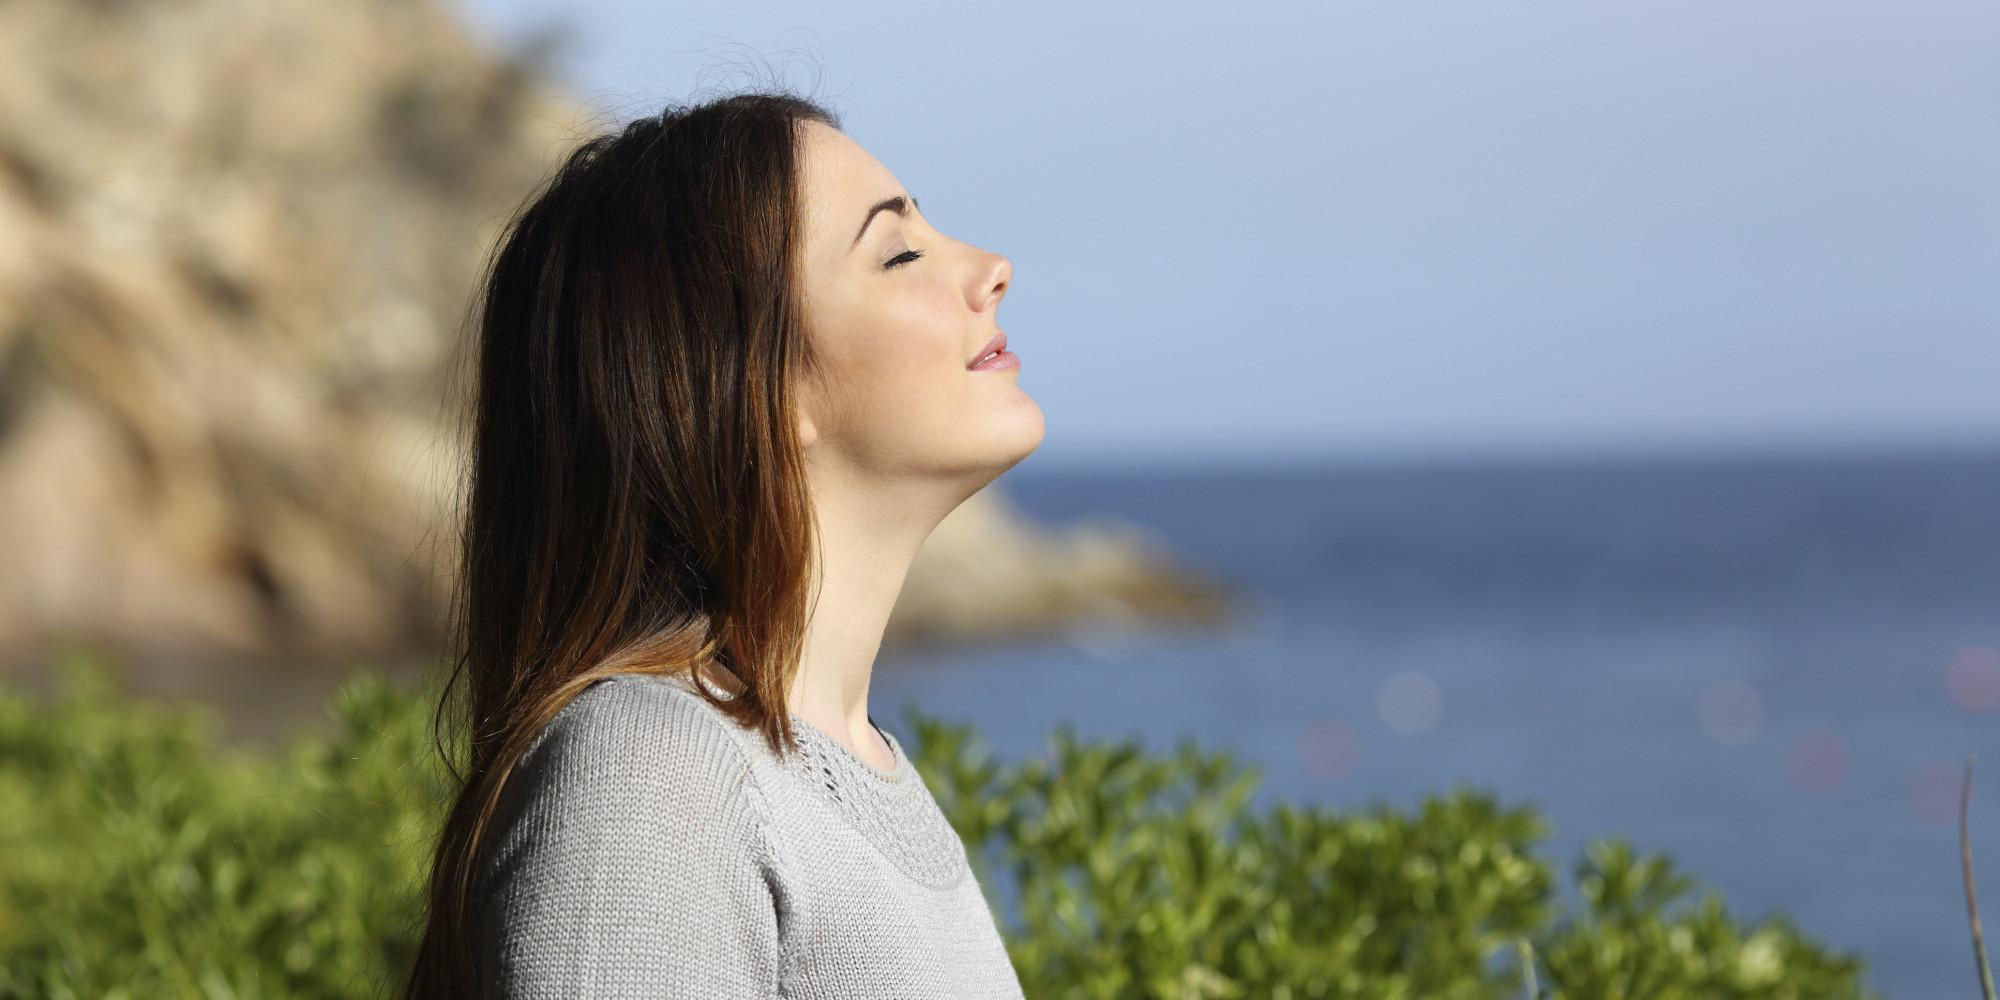 μύτη που αναπνέει ελεύθερα